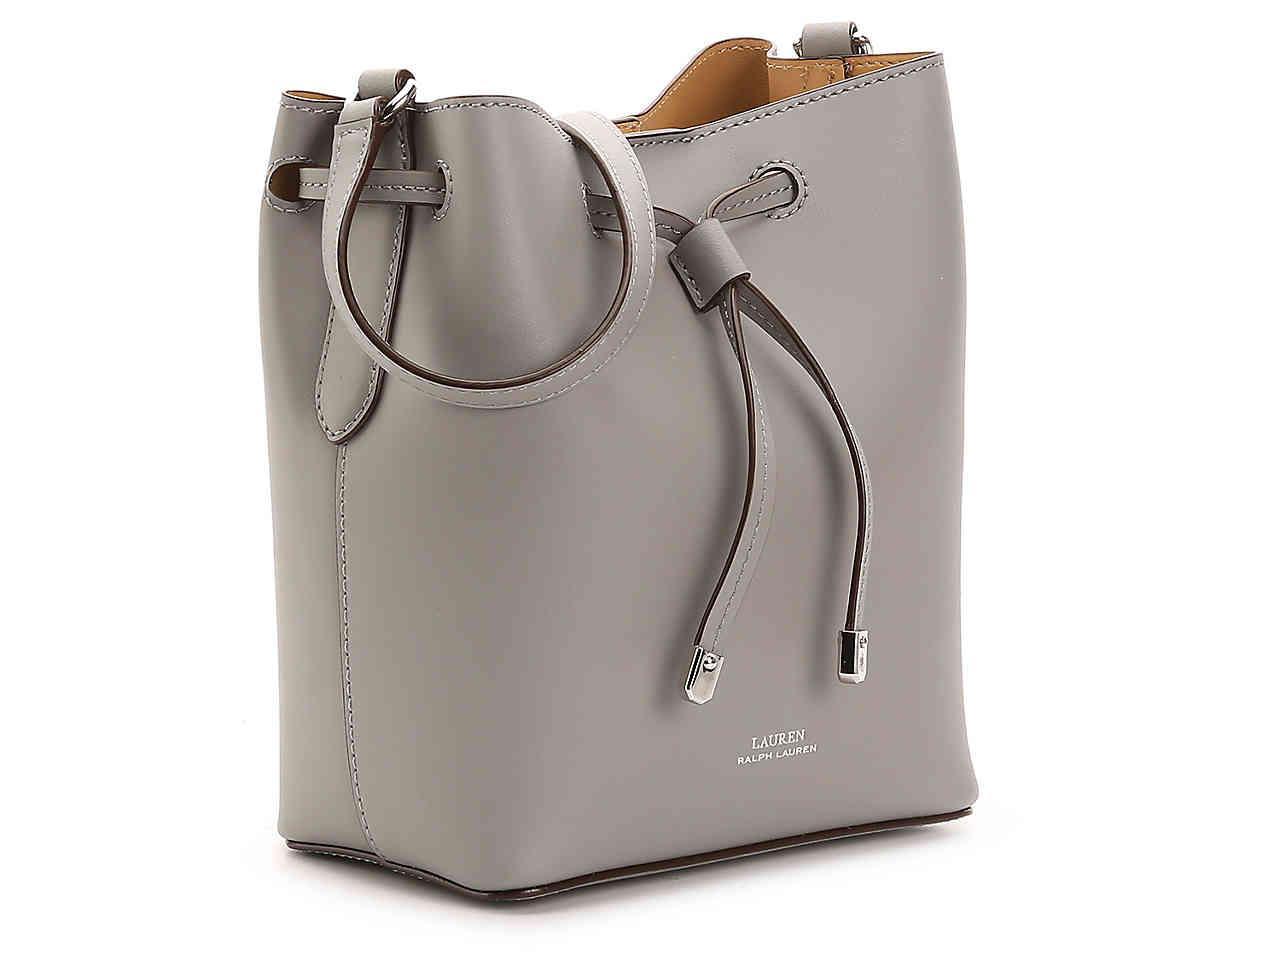 d10cc9acb6cf0 Lauren by Ralph Lauren Dryden Debby Leather Crossbody Bag in Gray - Lyst